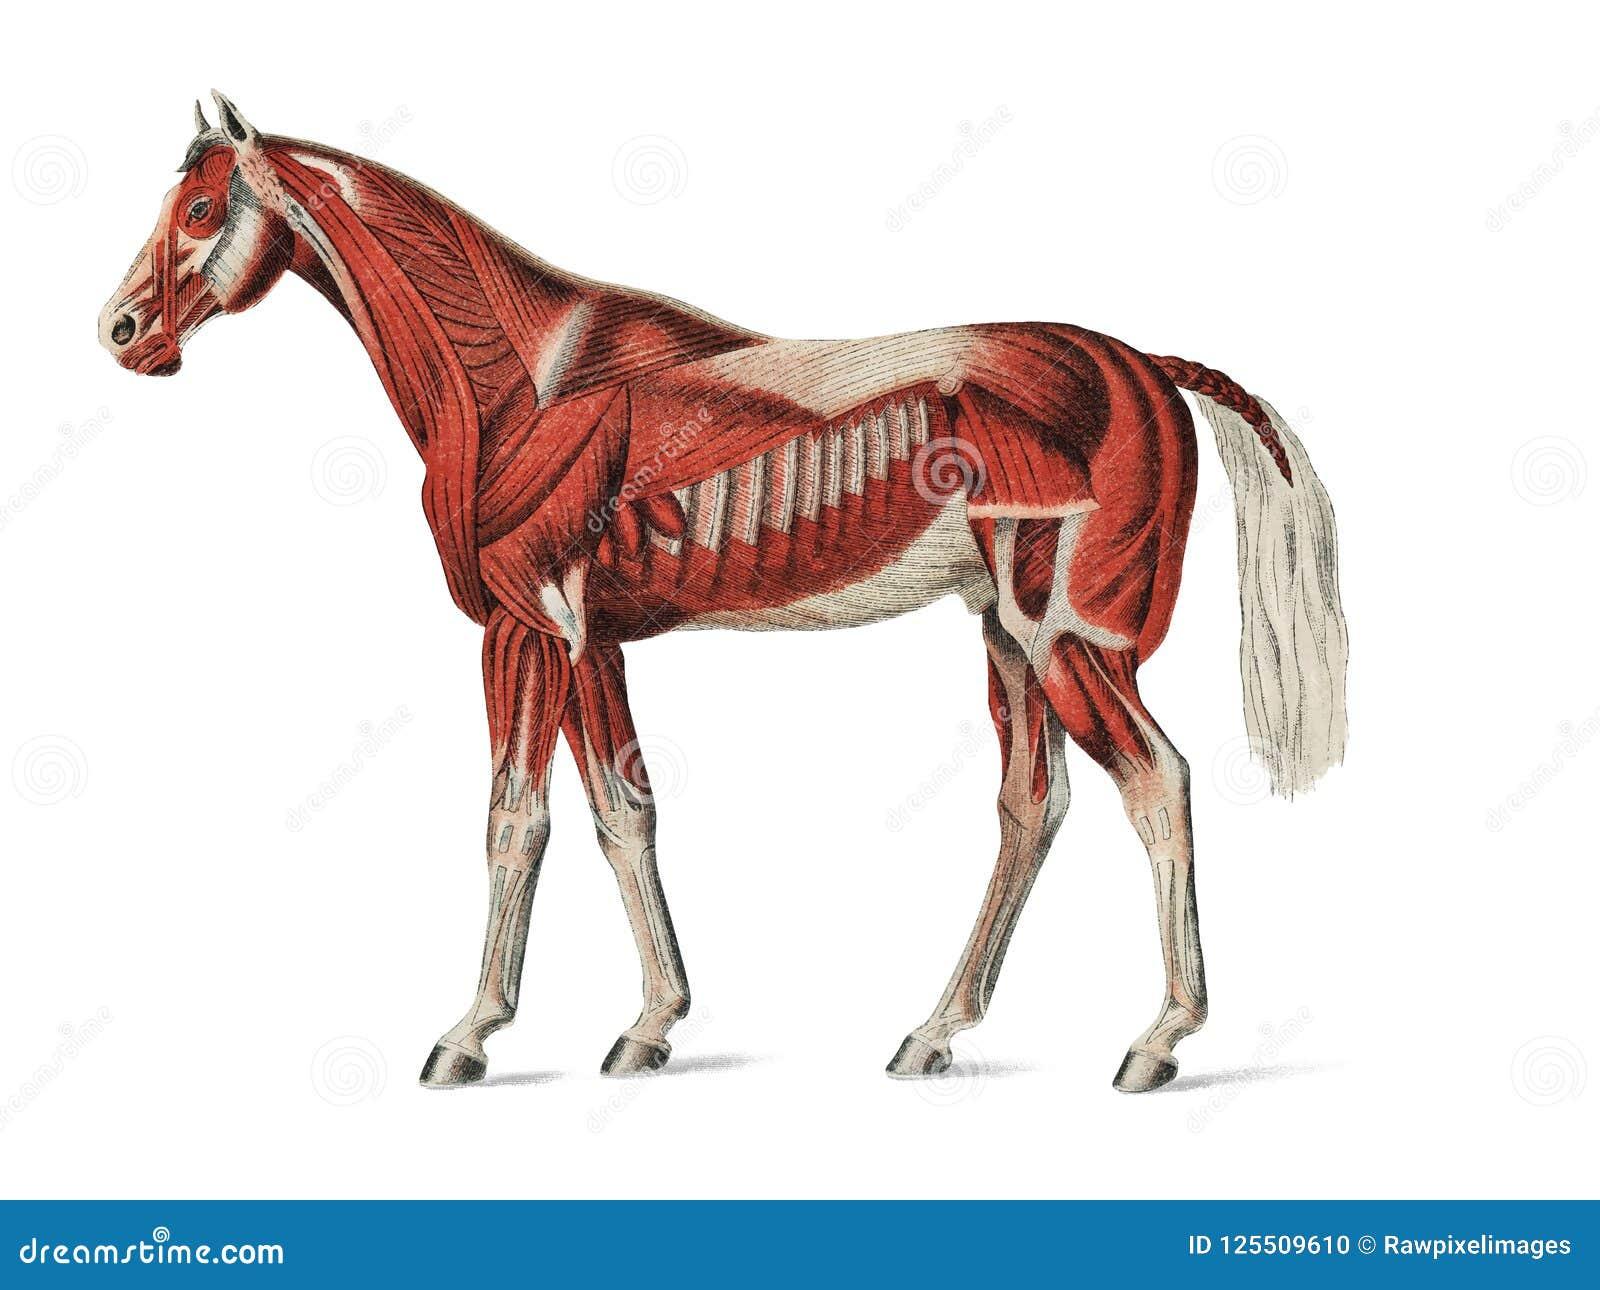 Поверхностный слой мышц неизвестным художником 1904, медицинская иллюстрация equine мышечной системы Цифров увеличенное мимо